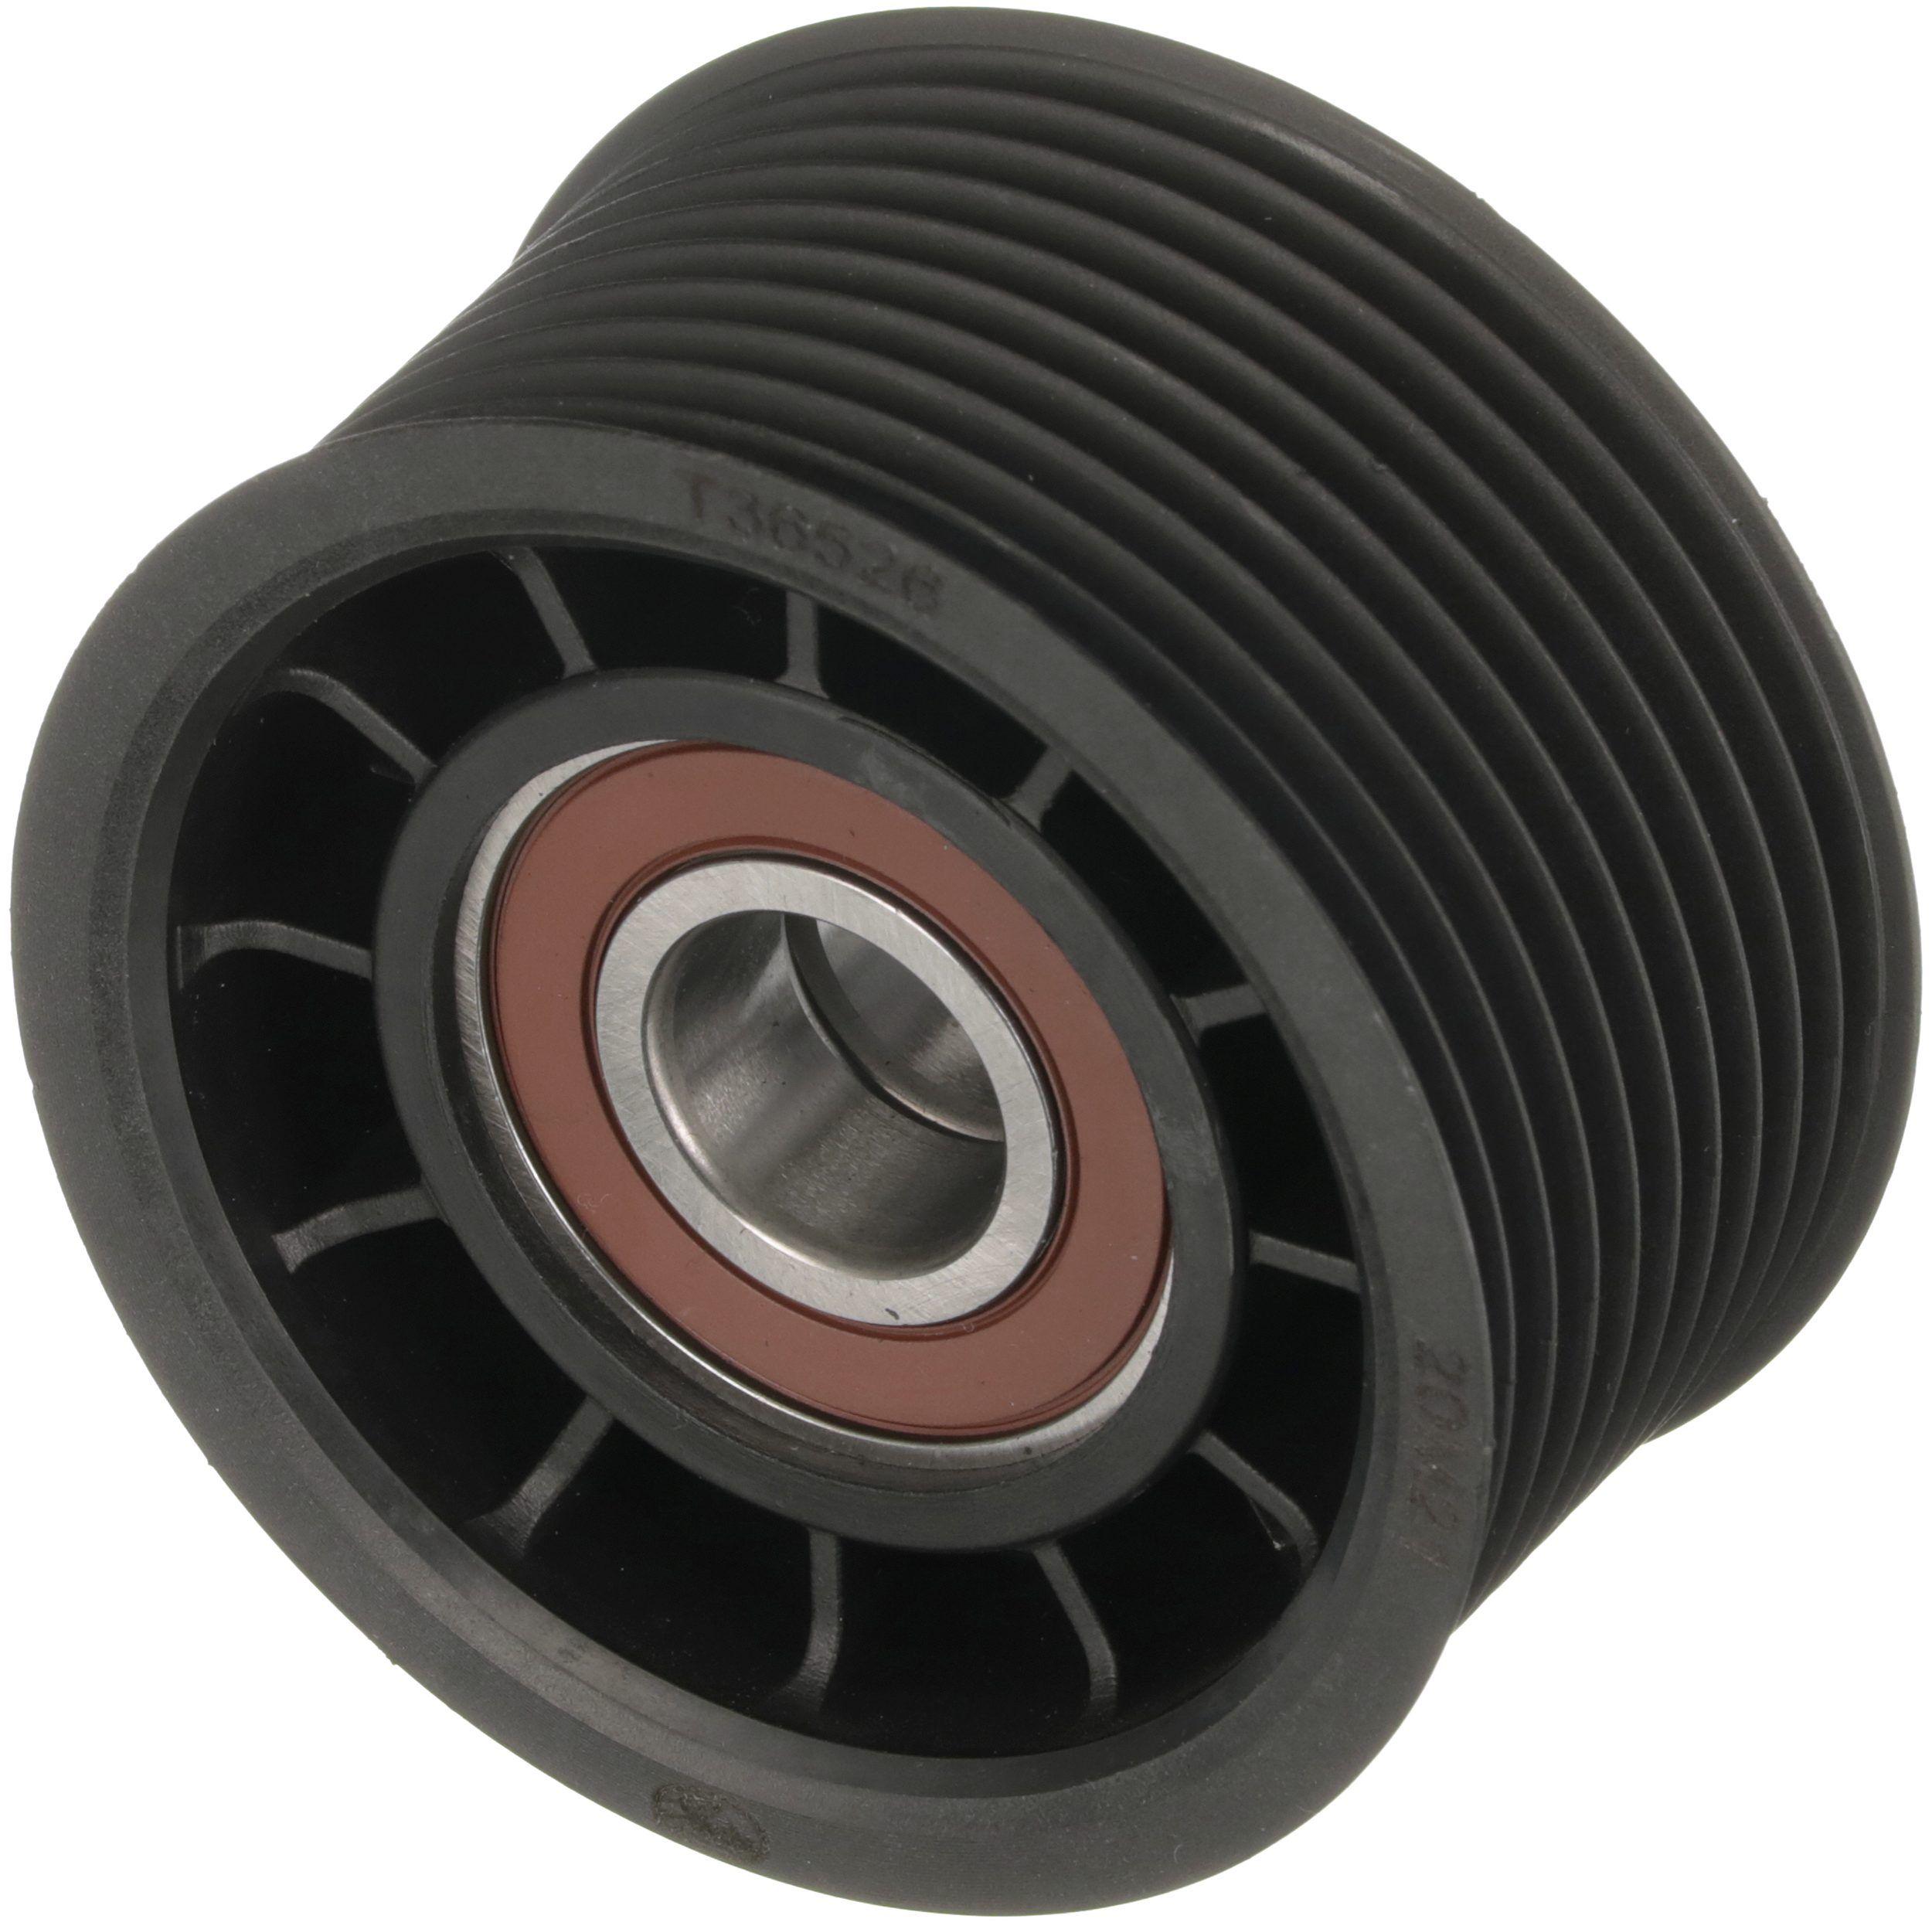 GATES Rolka kierunkowa / prowadząca, pasek klinowy zębaty do RENAULT TRUCKS - numer produktu: T36526